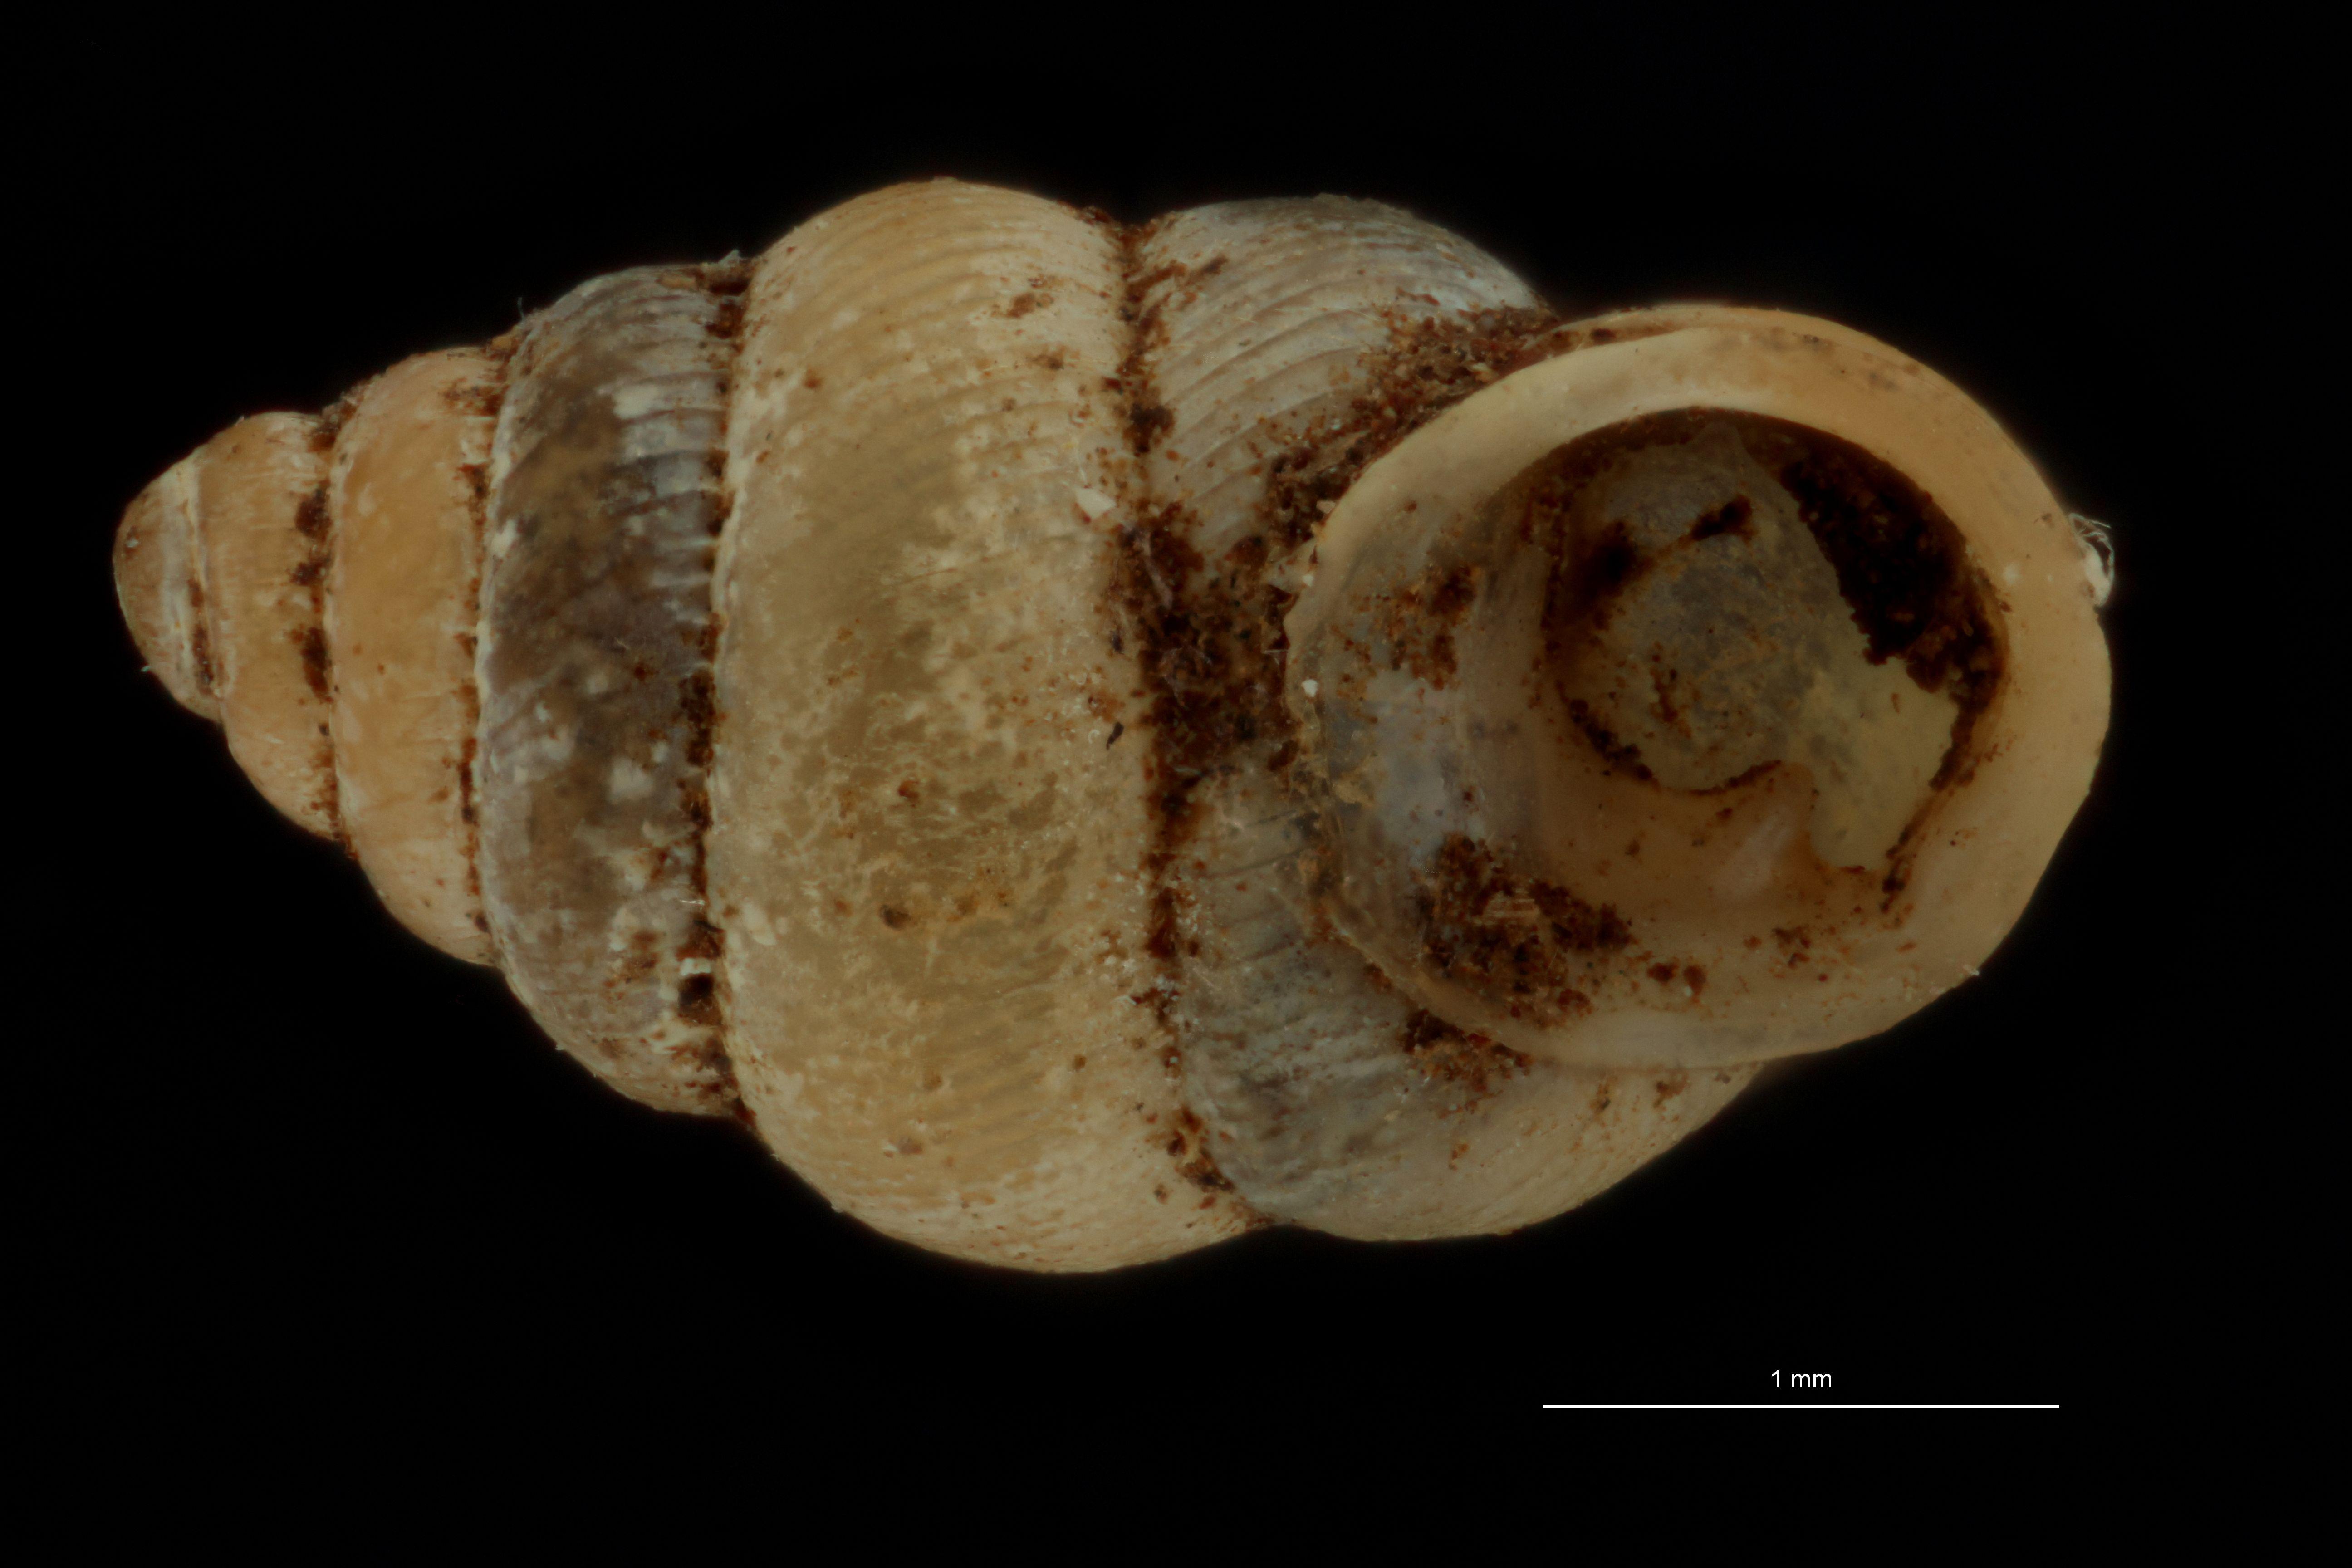 Diplommatina collarifera pt F.jpg